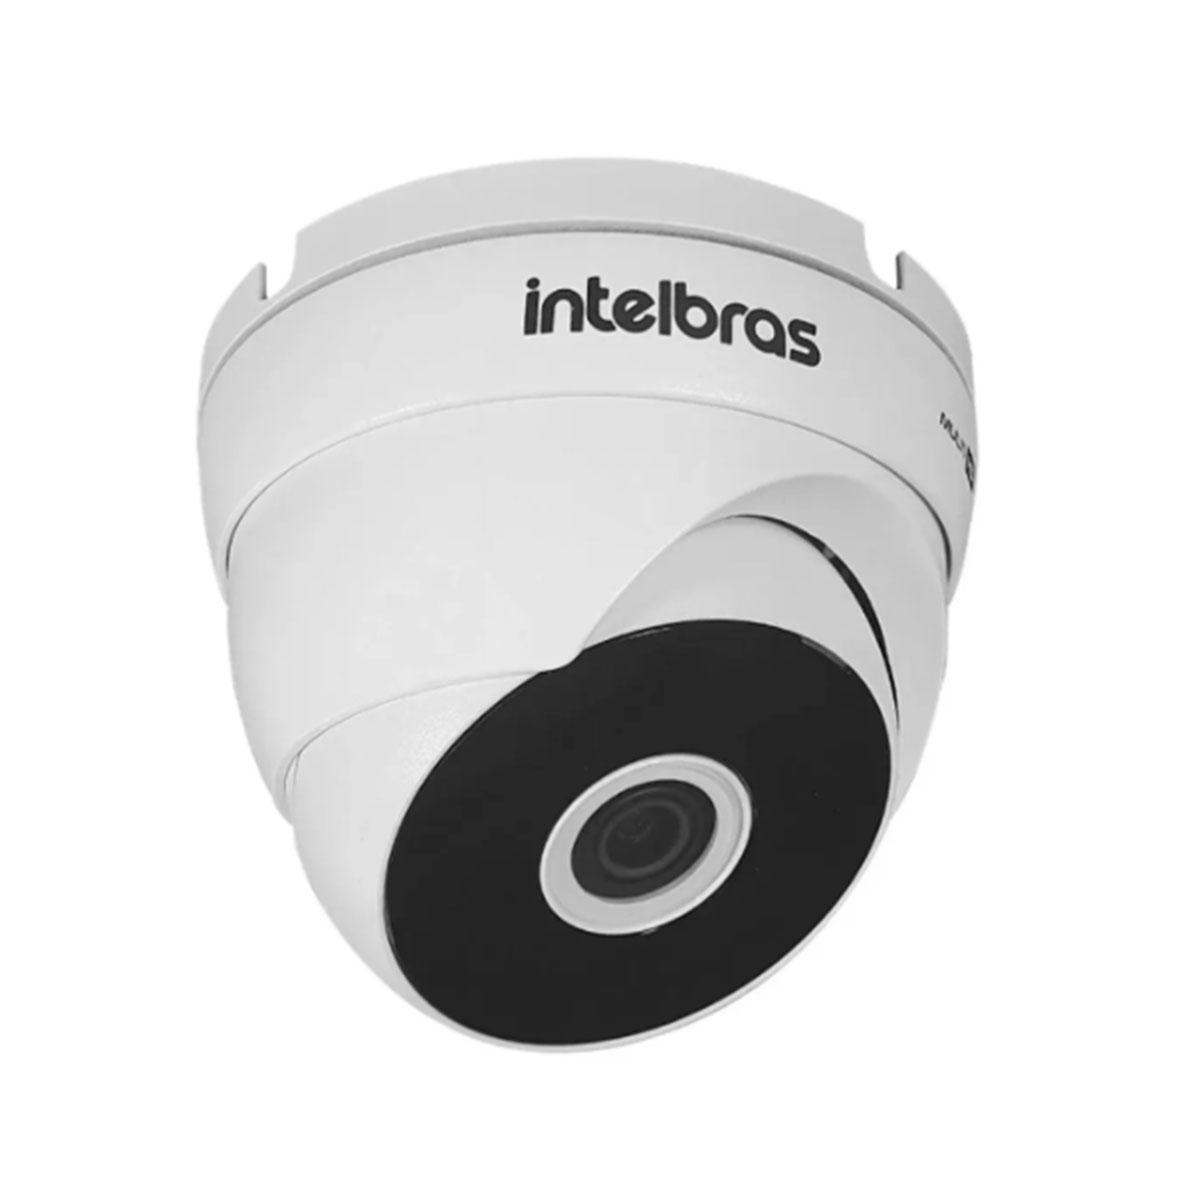 Kit 03 Câmera Dome Intelbras Vhd 3120 D G6 720p 3.6mm